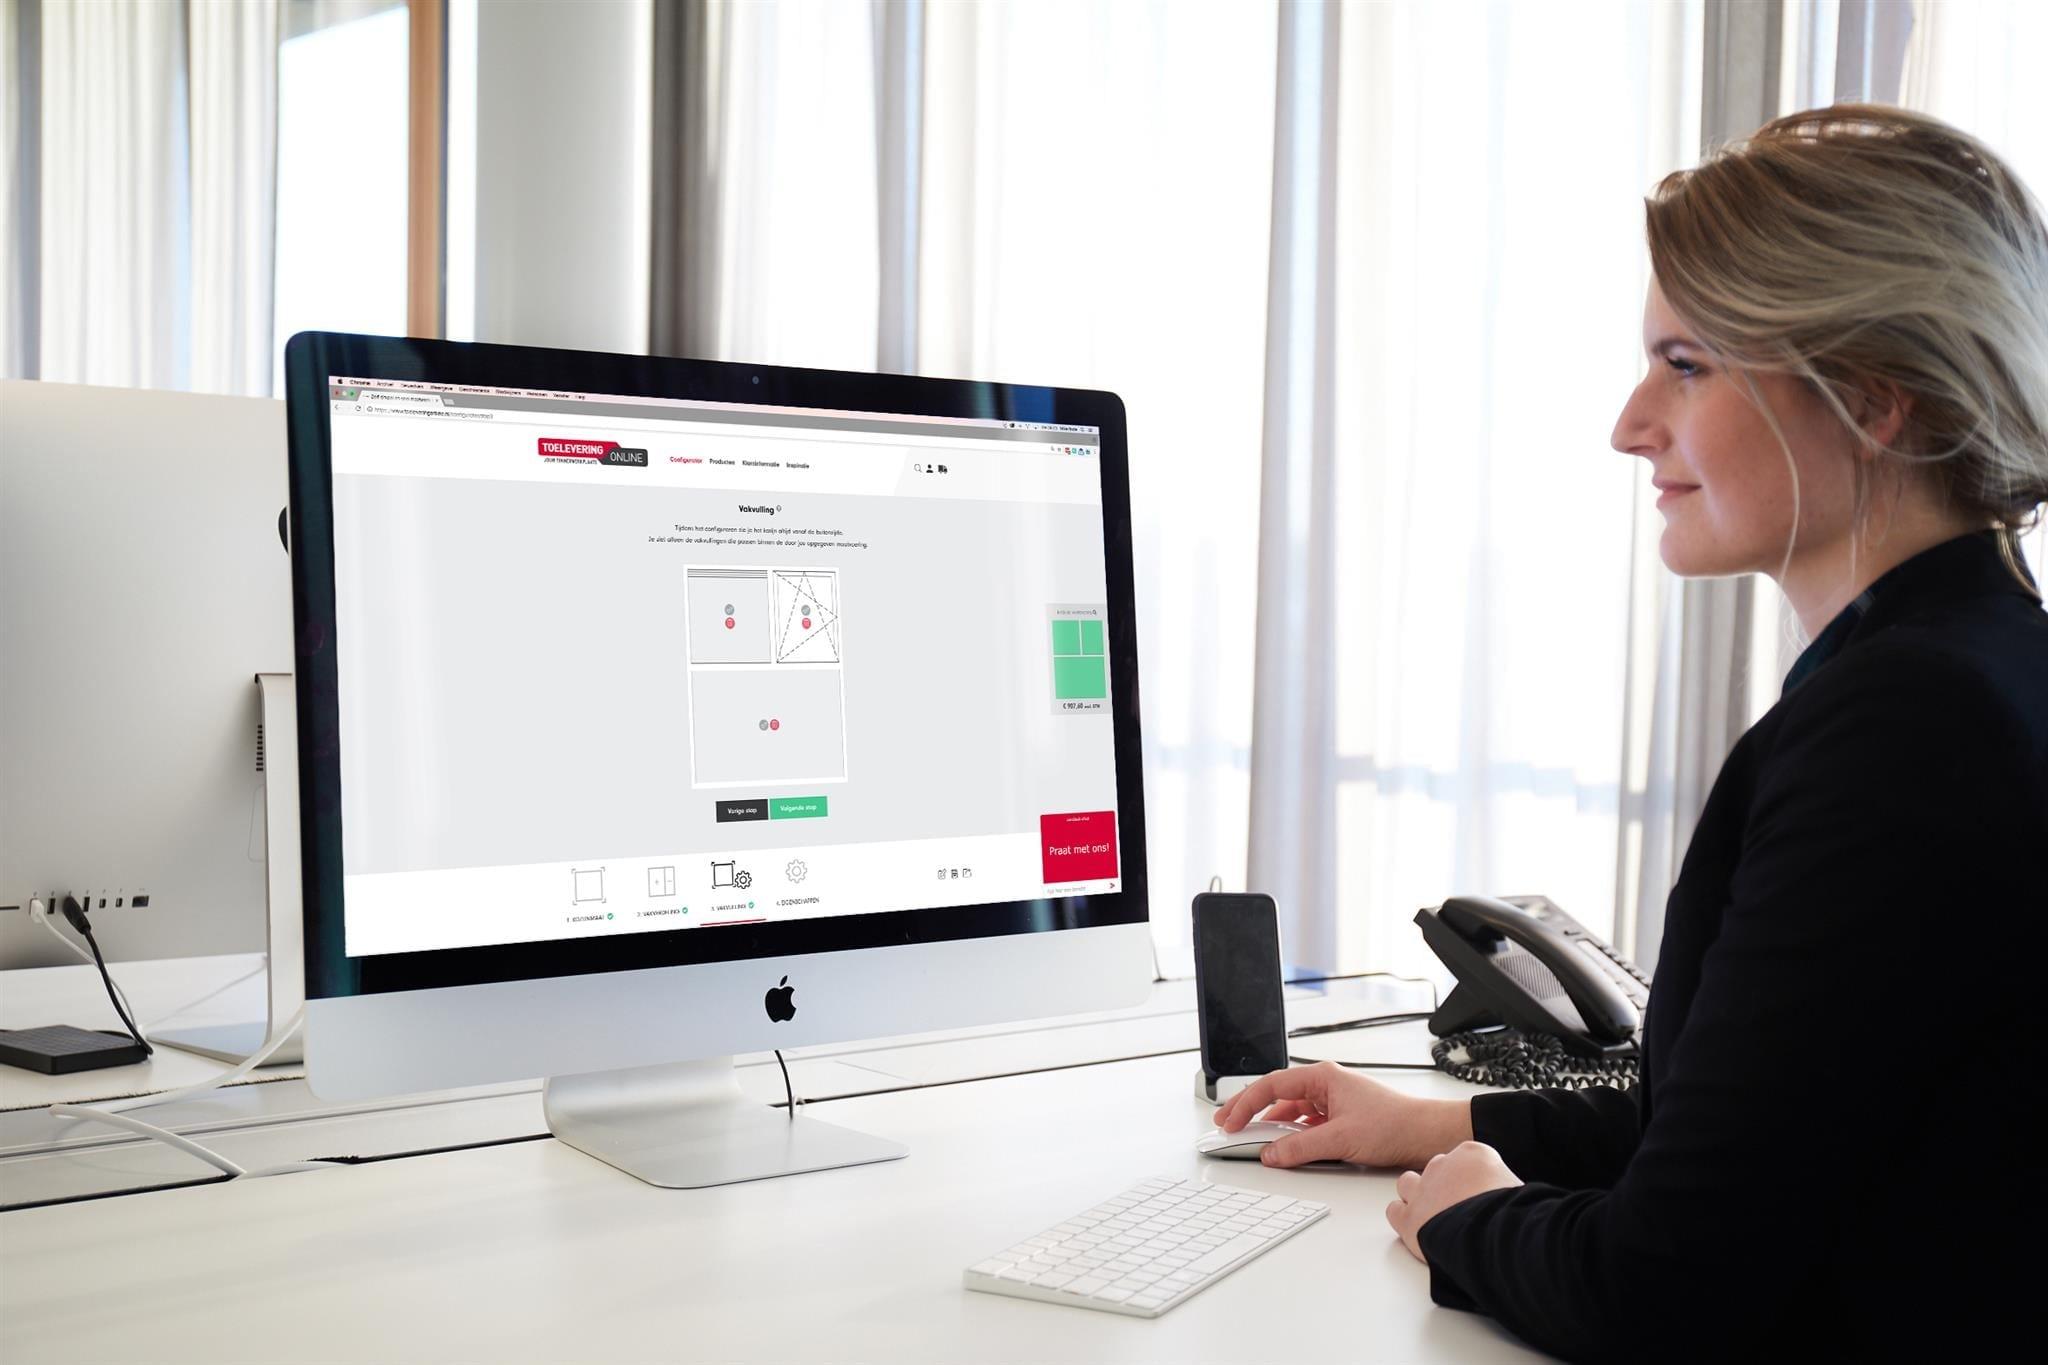 Kozijnen Utrecht | Toelevering Online